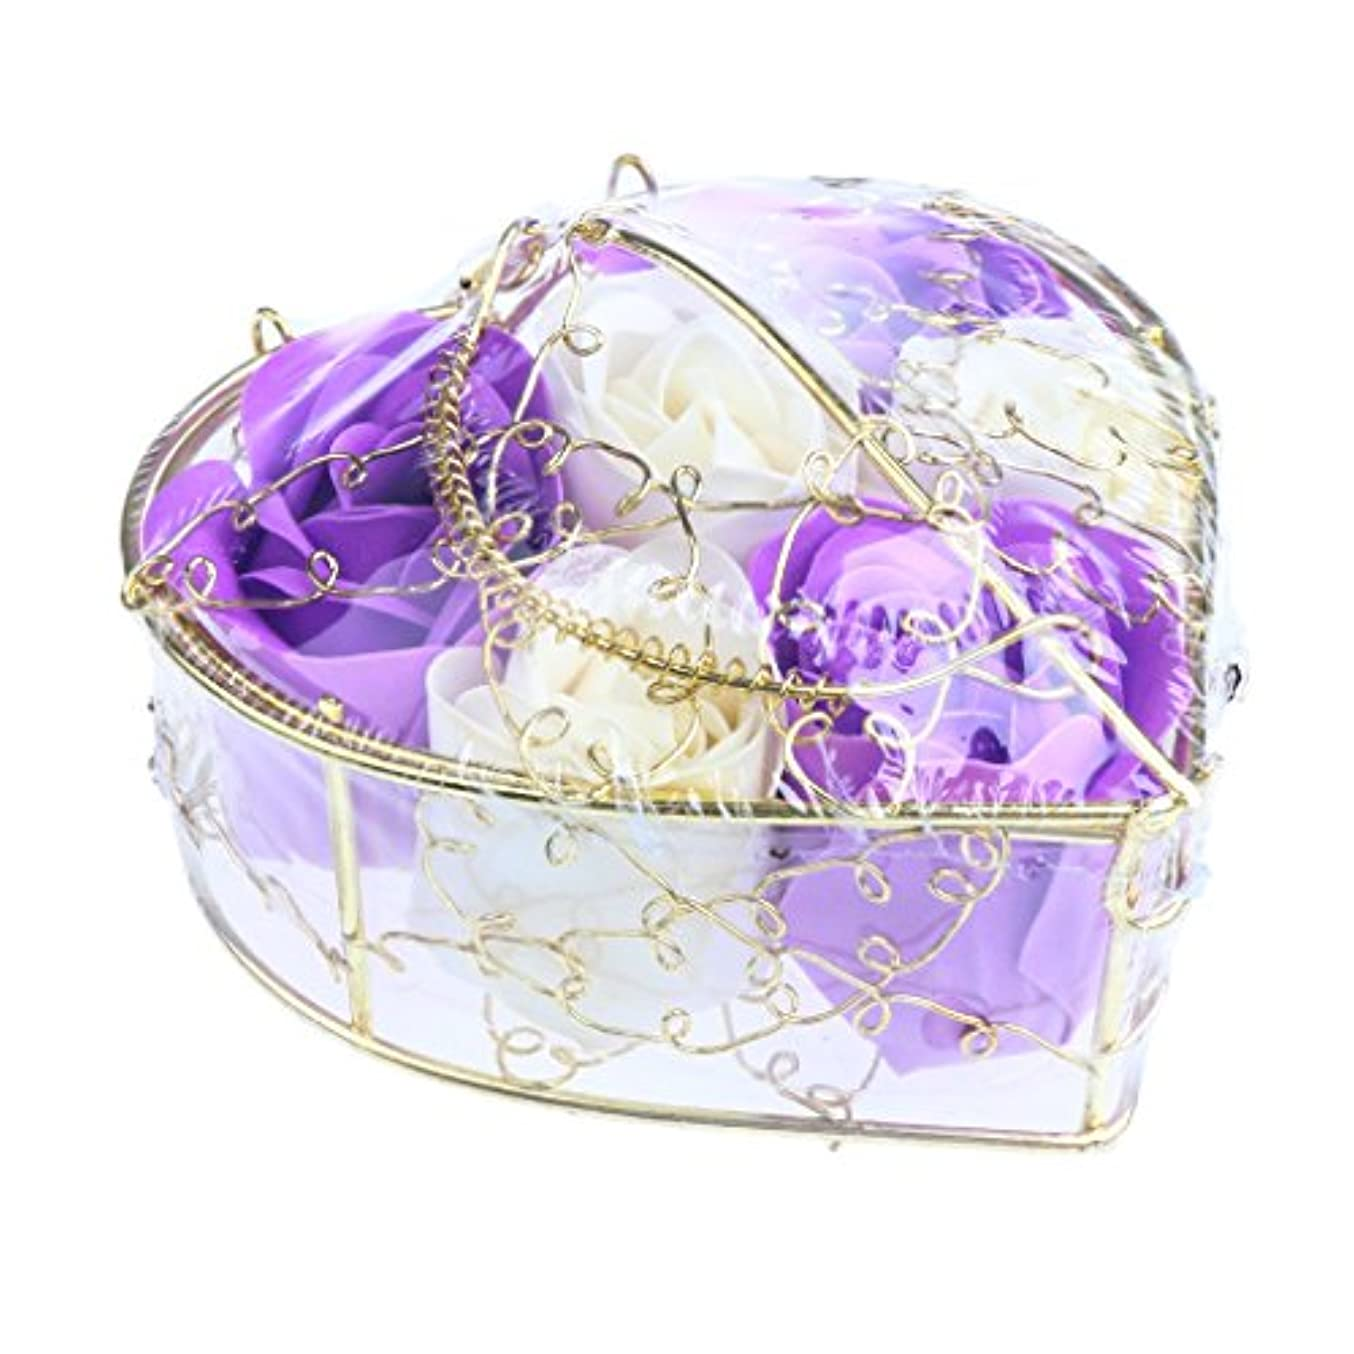 Perfk 6個 石鹸の花 石鹸花  造花 フラワー バラ ソープフラワー  シャボンフラワー  フラワーボックス プレゼント 全5タイプ選べる - 紫と白